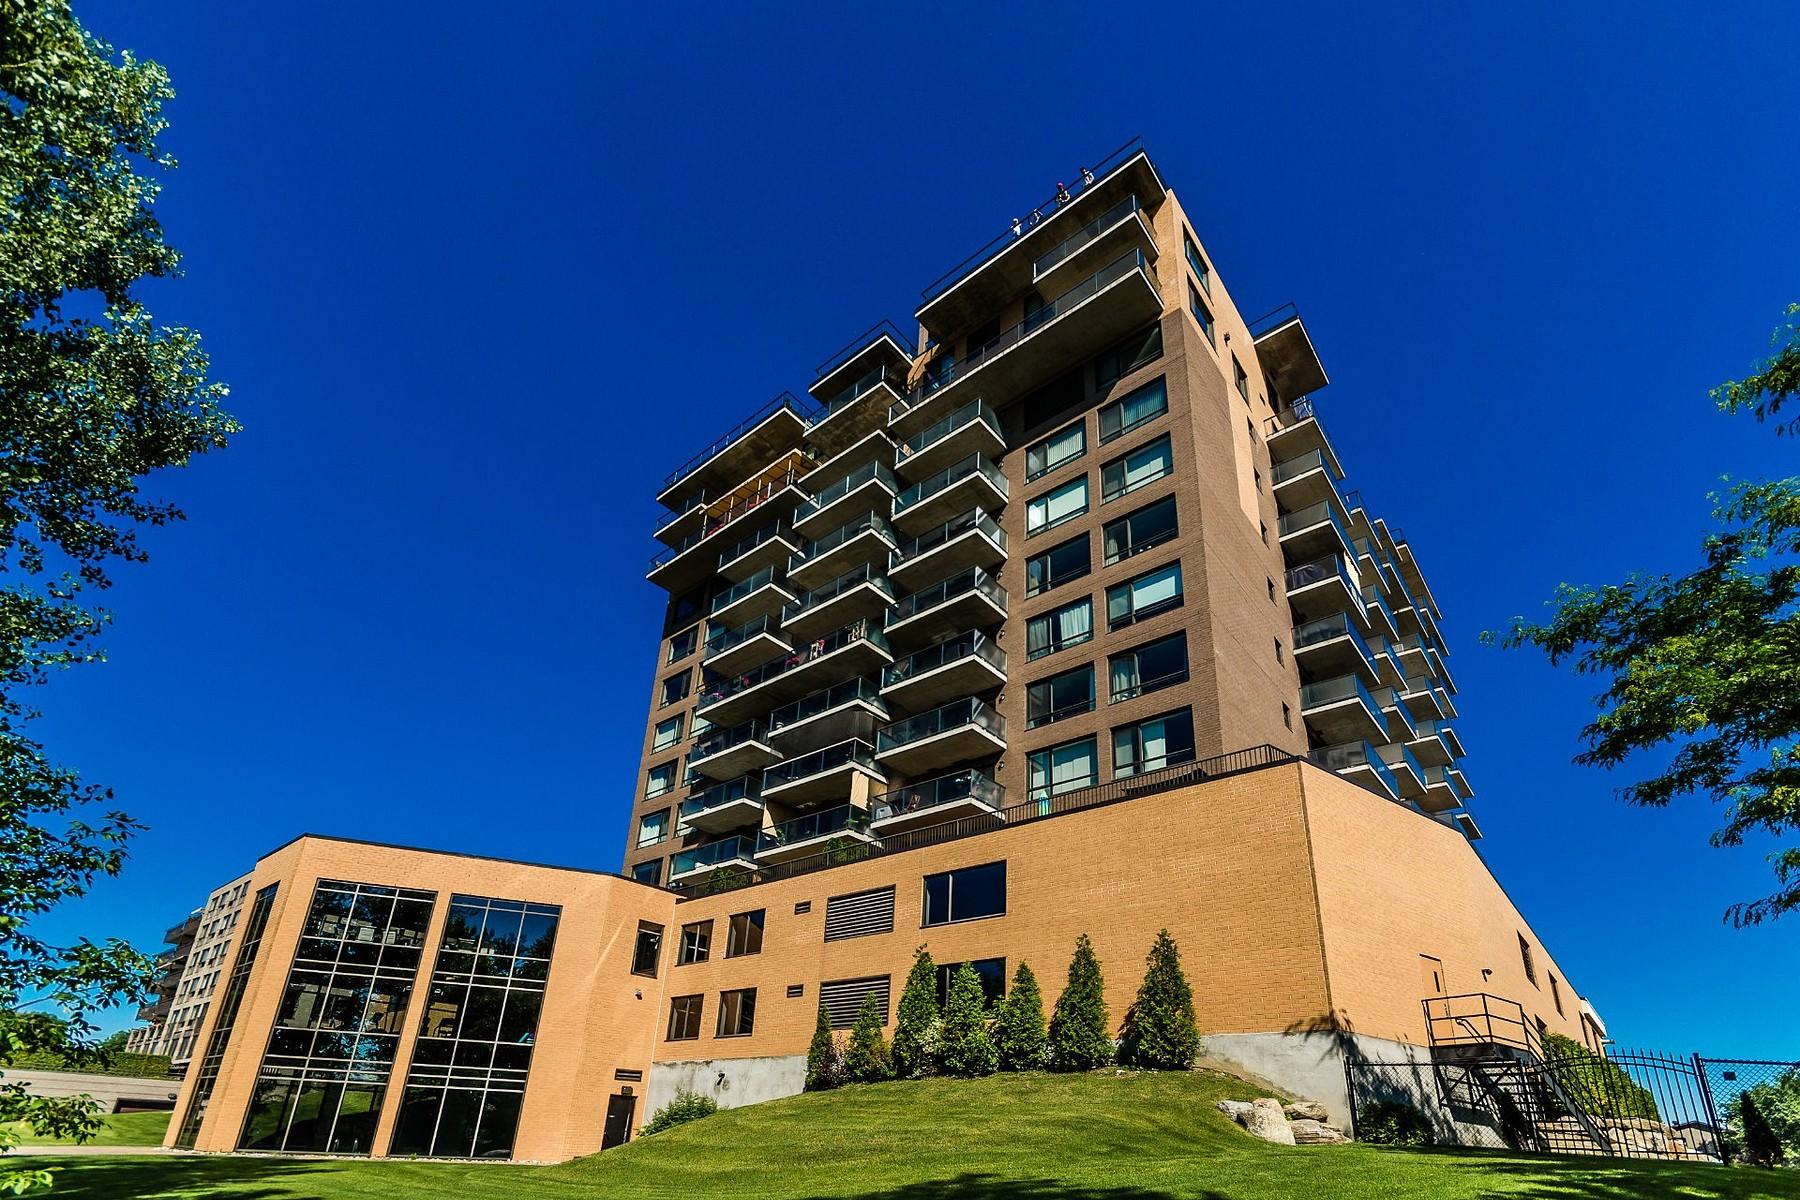 Maison unifamiliale pour l Vente à Chomedey, Laval 4500 Ch. des Cageux, Apt. 903 Chomedey, Québec, H7W2S7 Canada